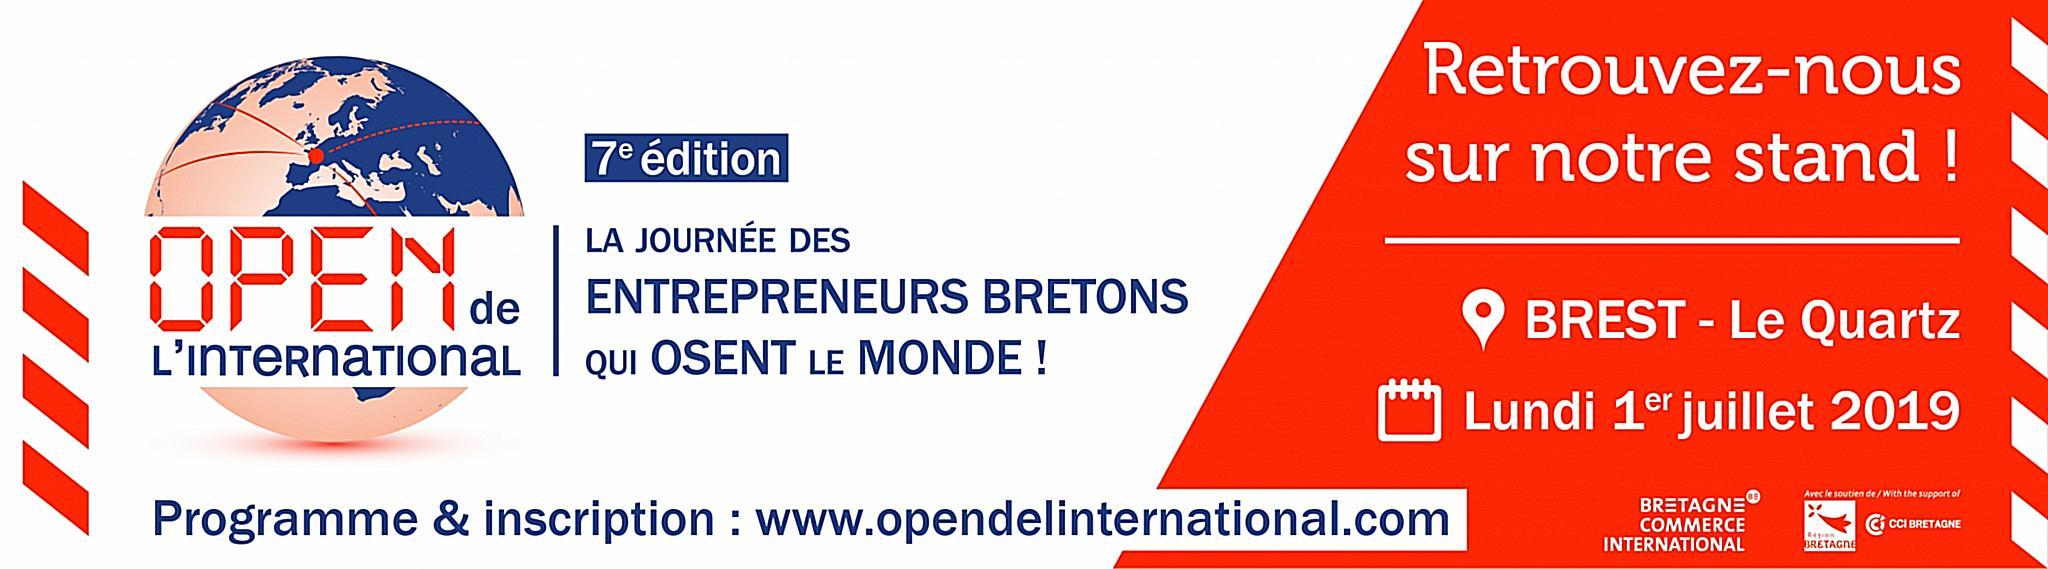 Bannière de l'Open de l'international contenant la date et le lieu de l'événement